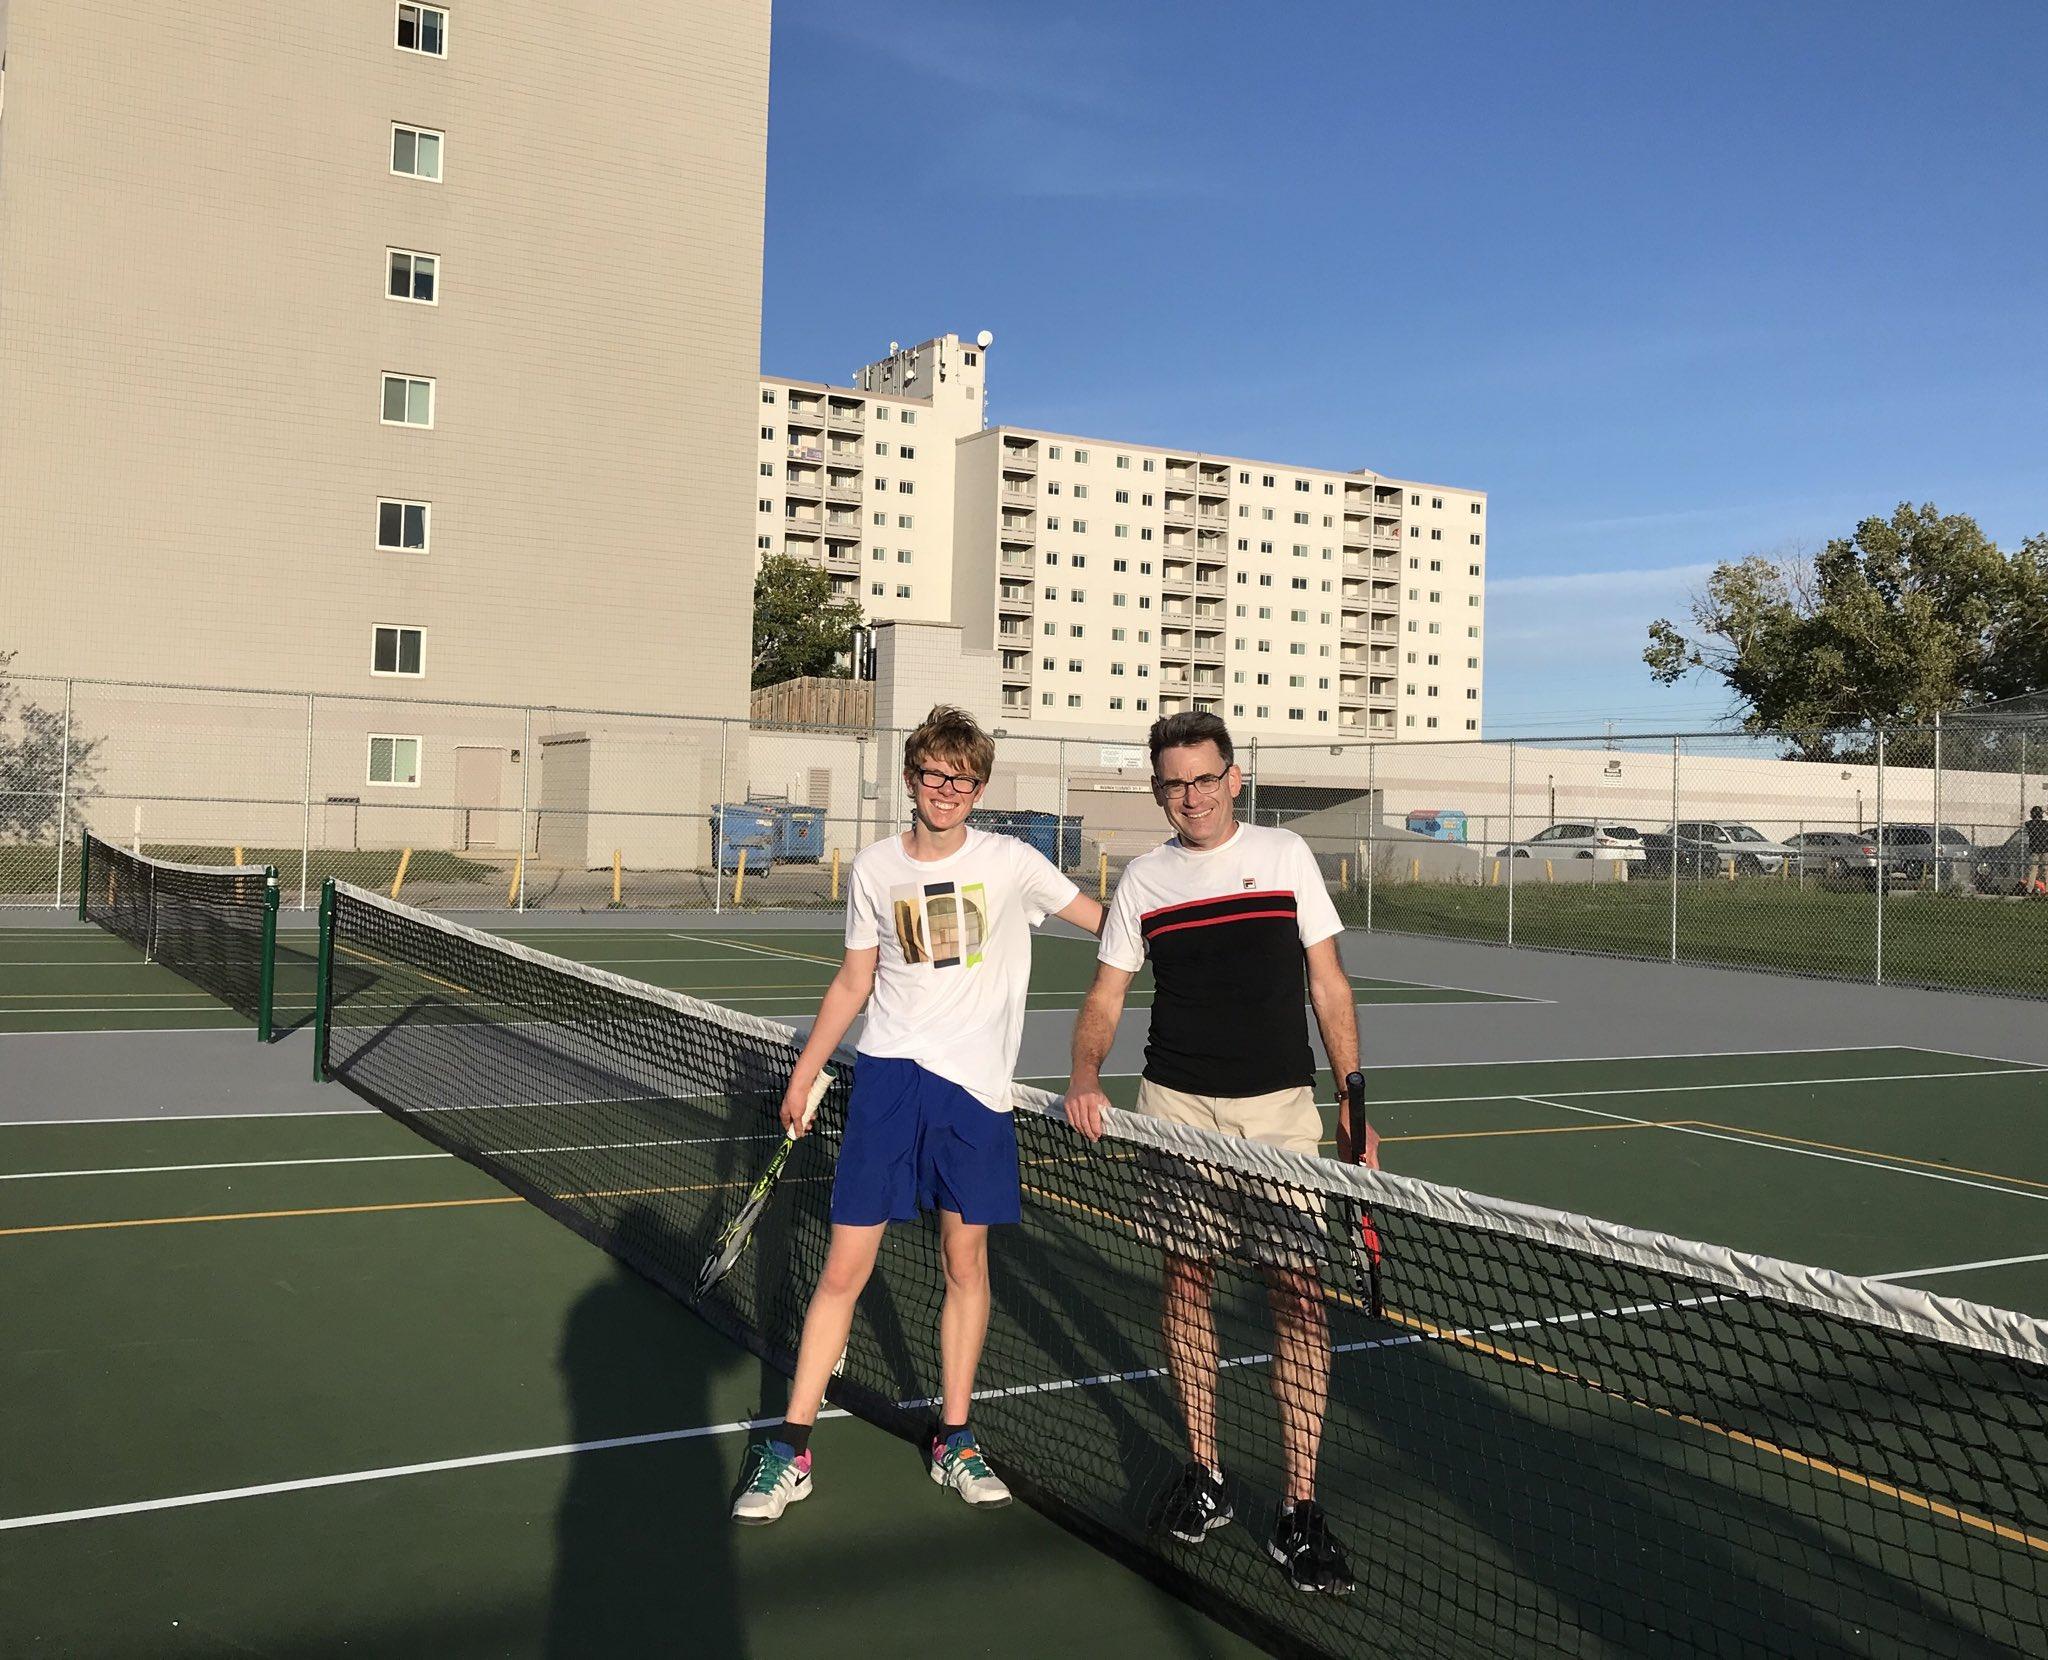 Dakota Collegiate Tennis